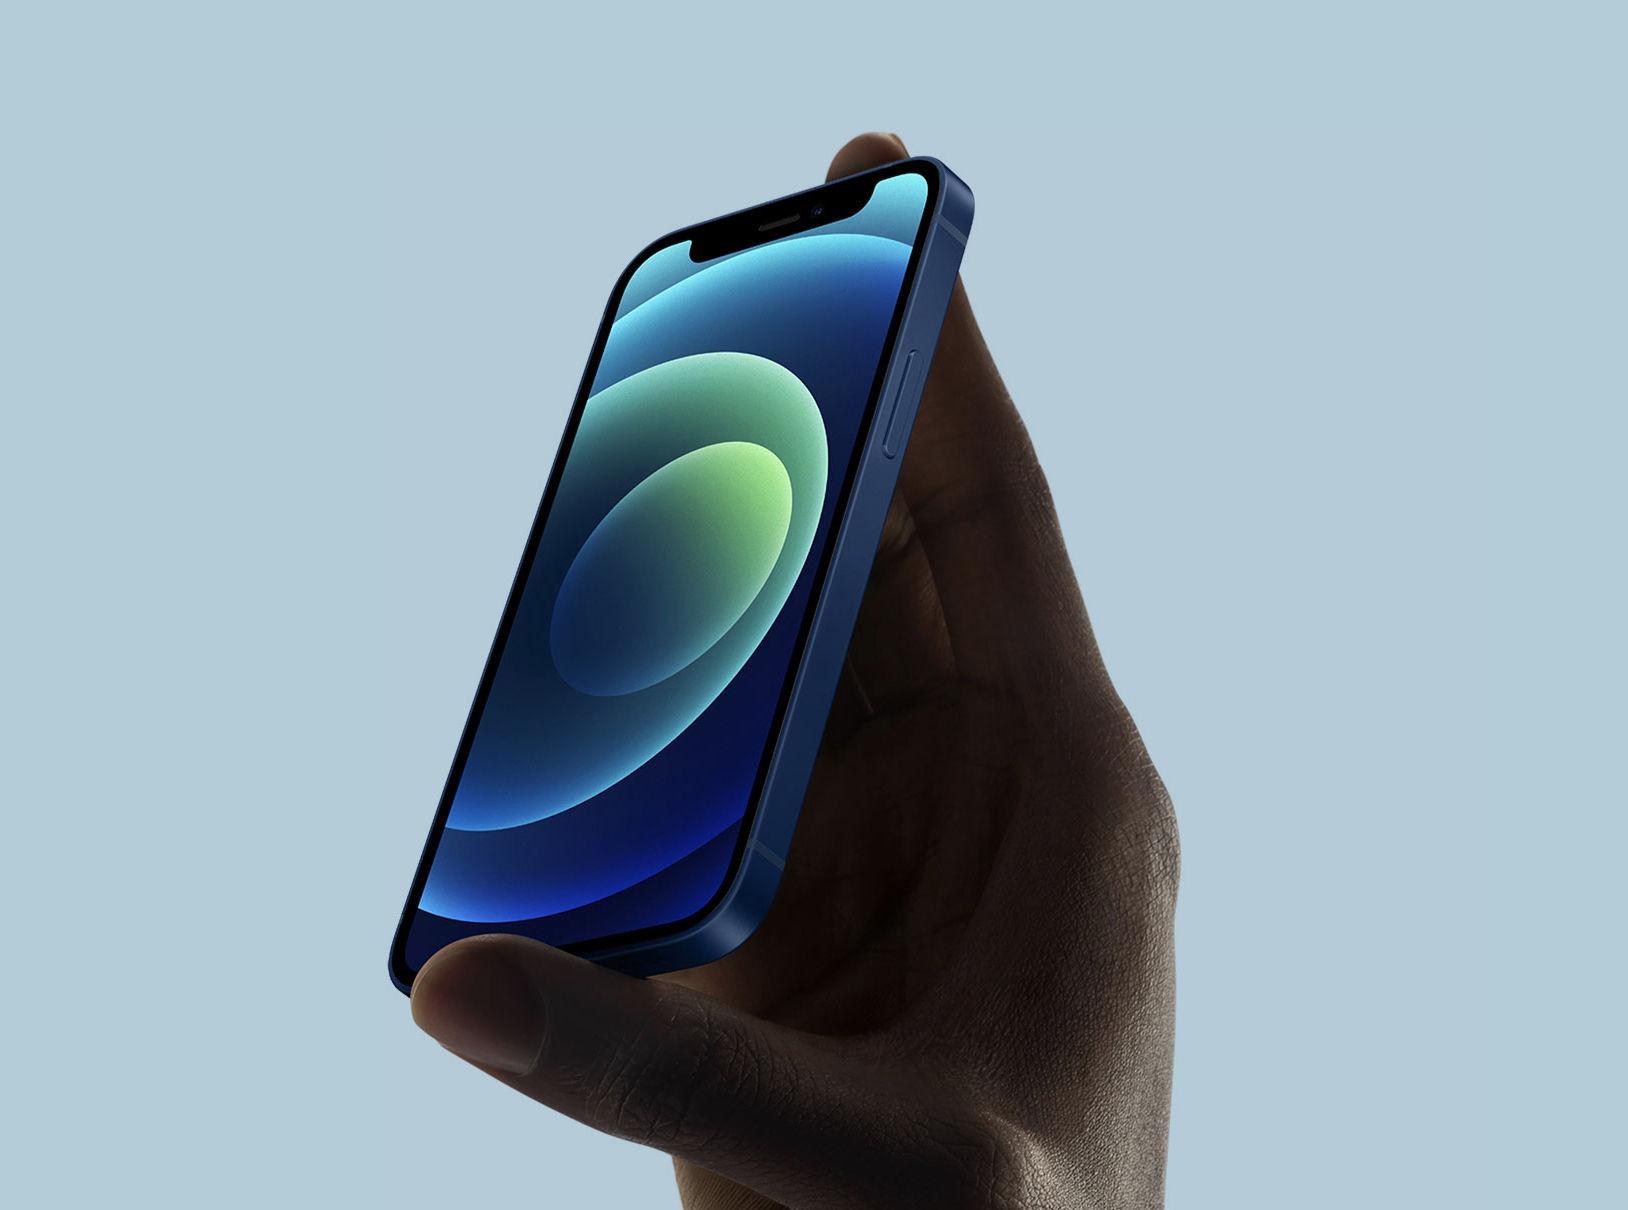 話題の「iPhone12 mini」だが「SE3」待ちが正解